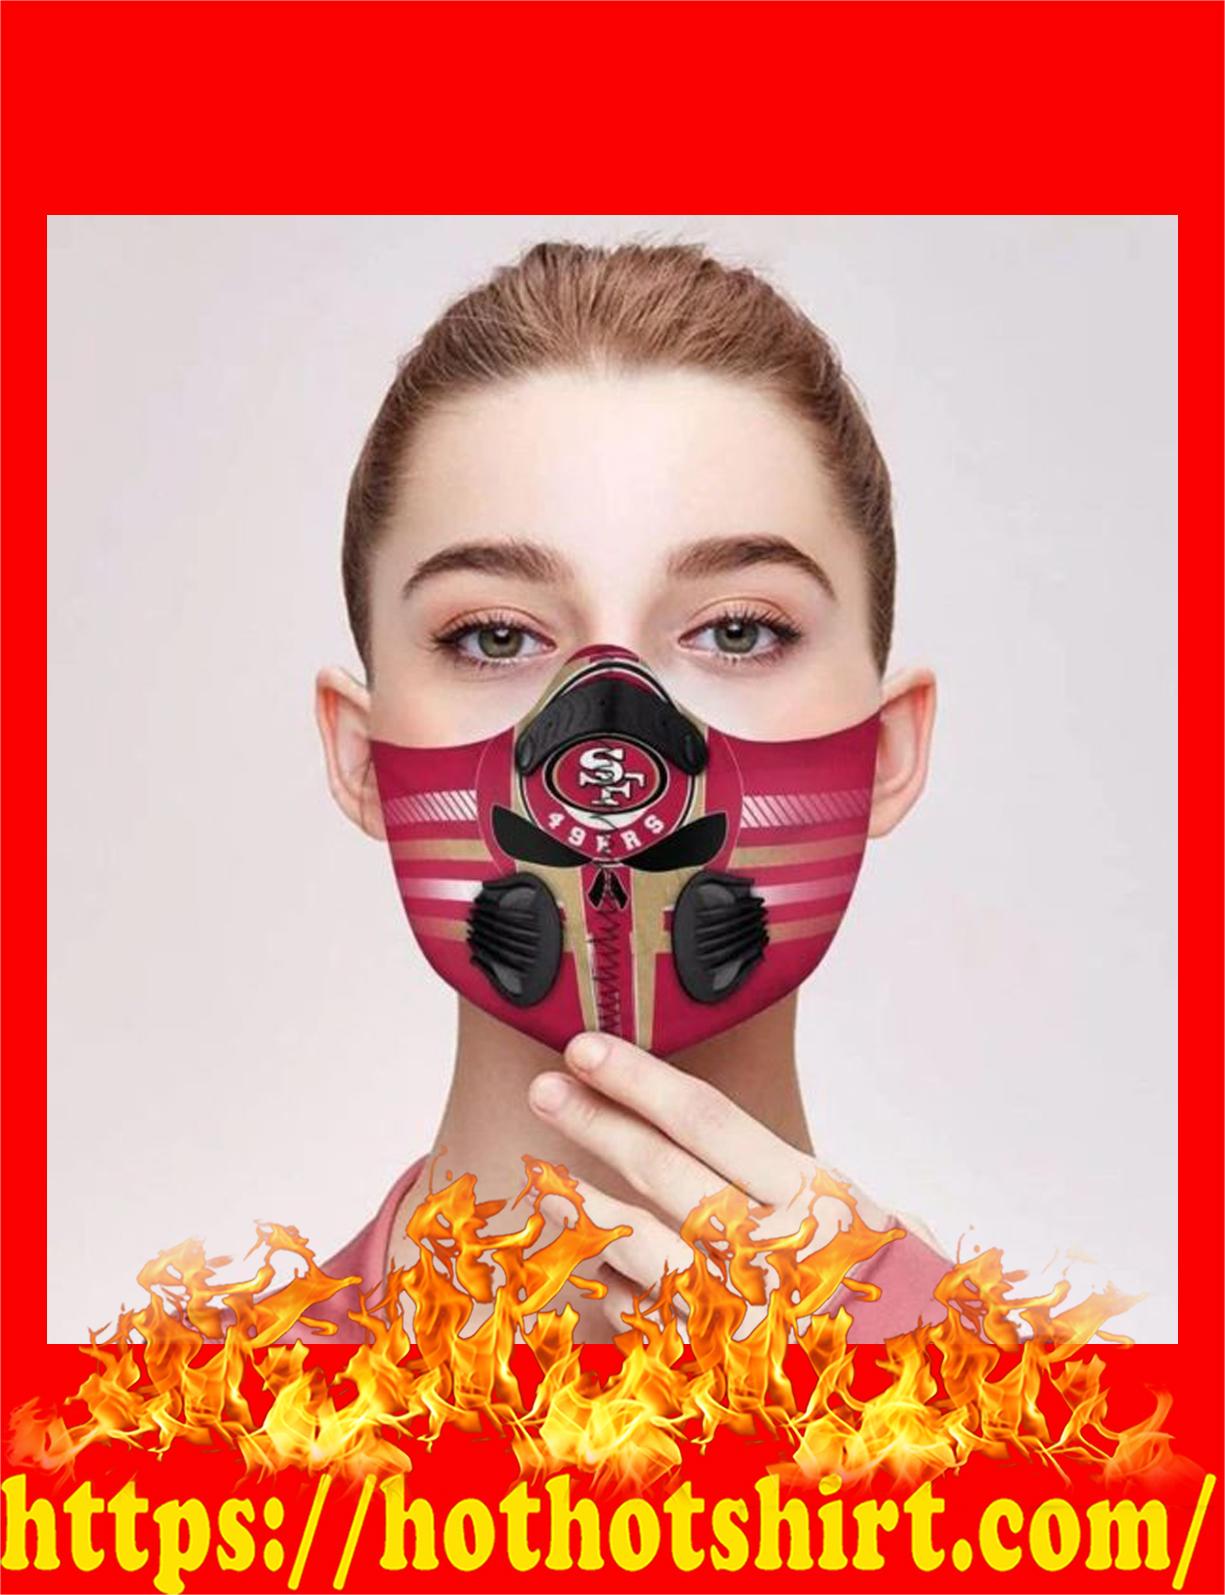 San francisco 49ers punisher skull filter face mask - detail